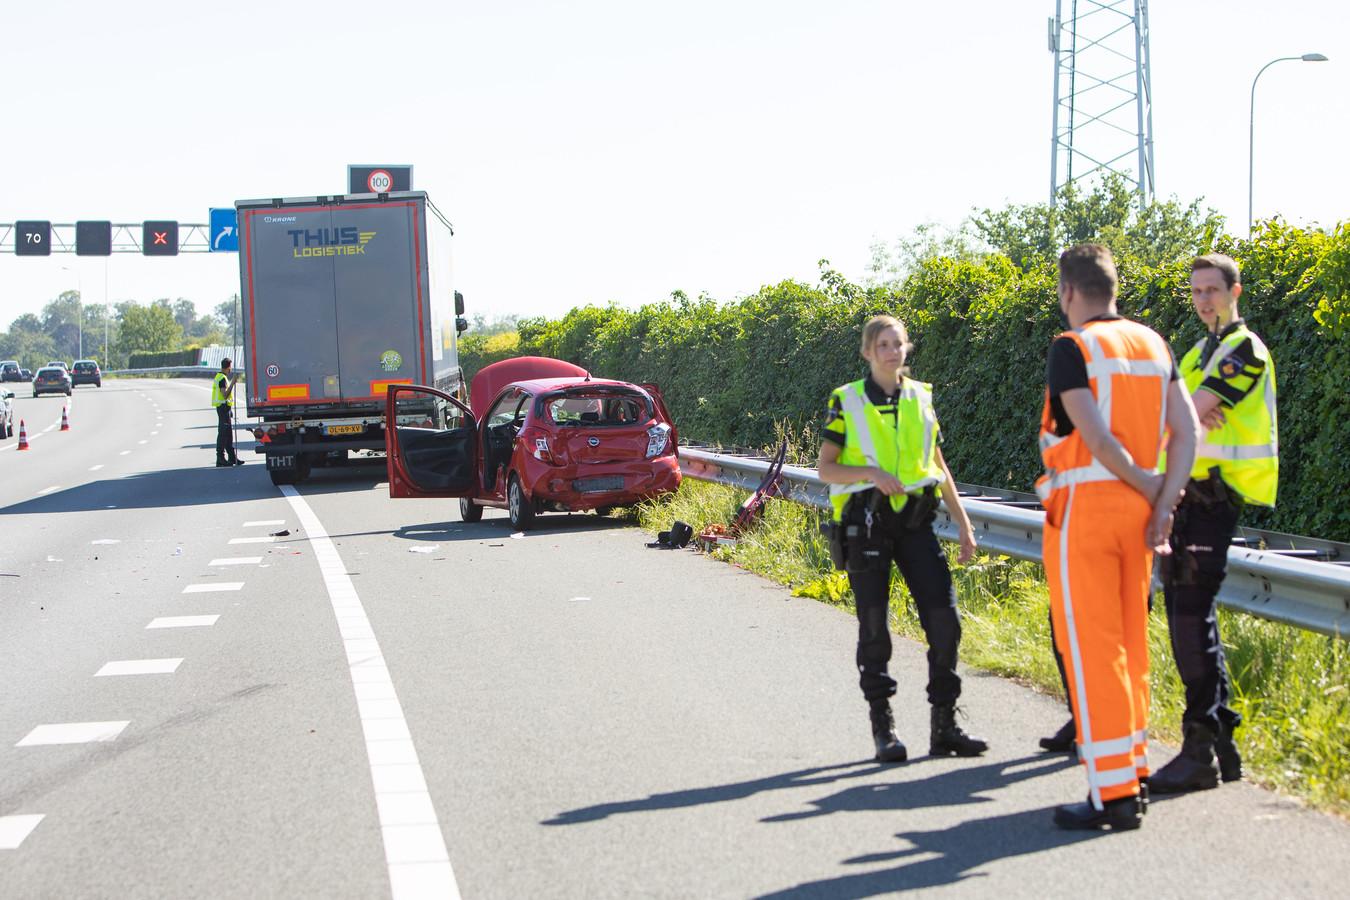 De politie doet onderzoek naar het ongeluk.